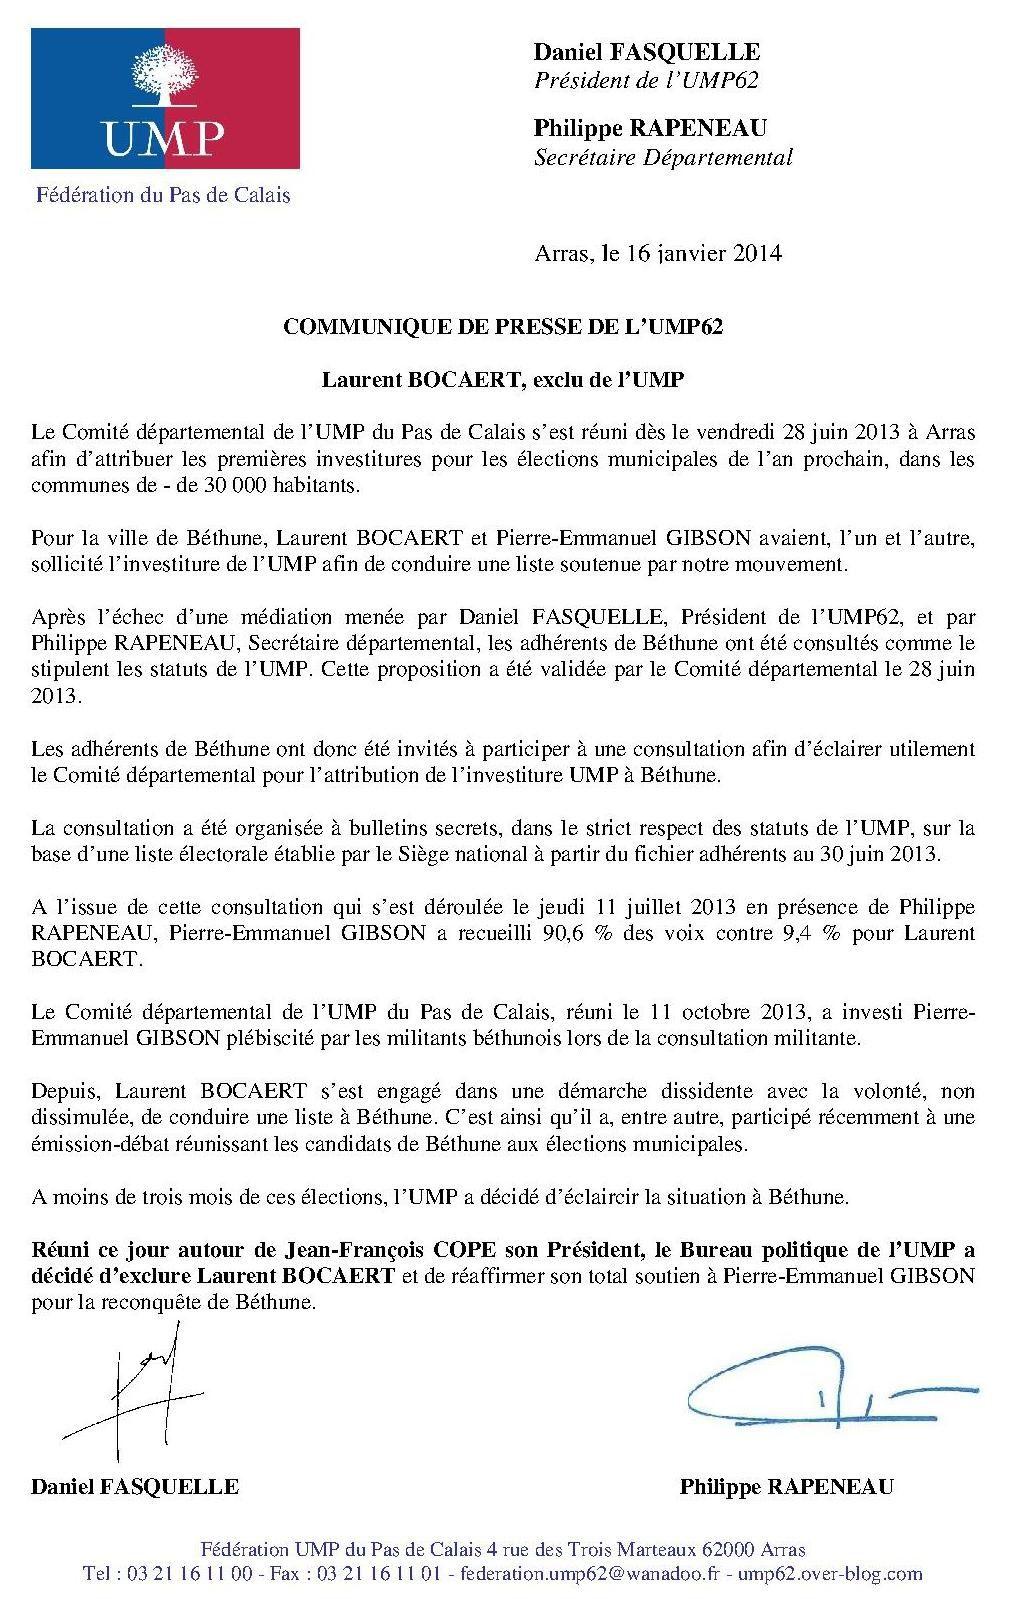 Le Bureau politique de l'UMP clarifie la situation à Béthune